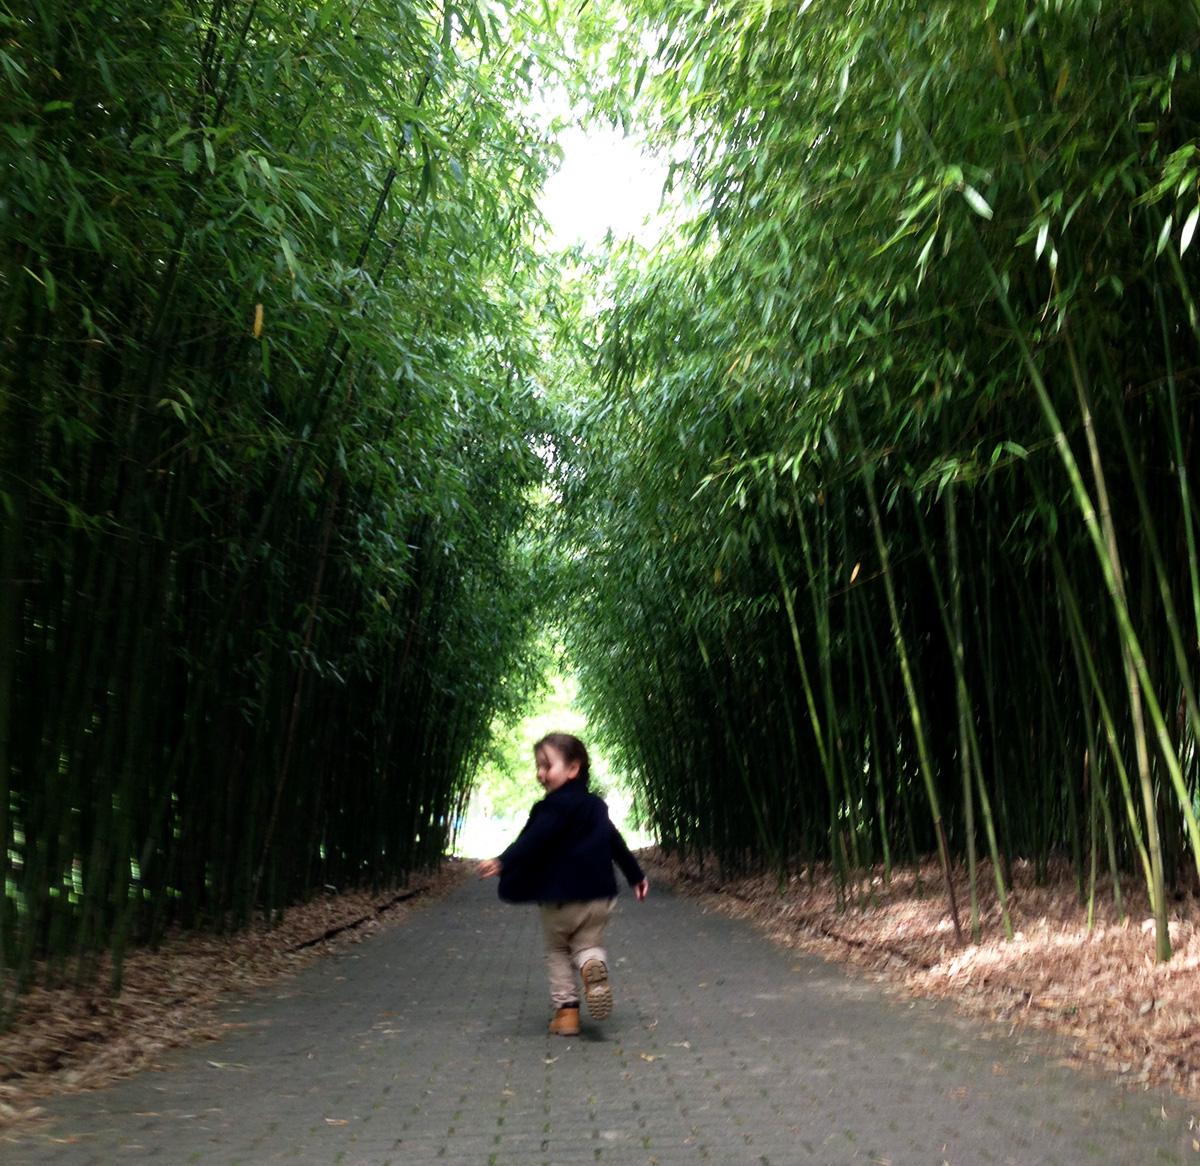 Ausflüge mit Kindern in Hamburg - Botanischer Garten - Klein Flottbek - Kleine Geschichten - Zusammen mit Kindern die Welt entdecken